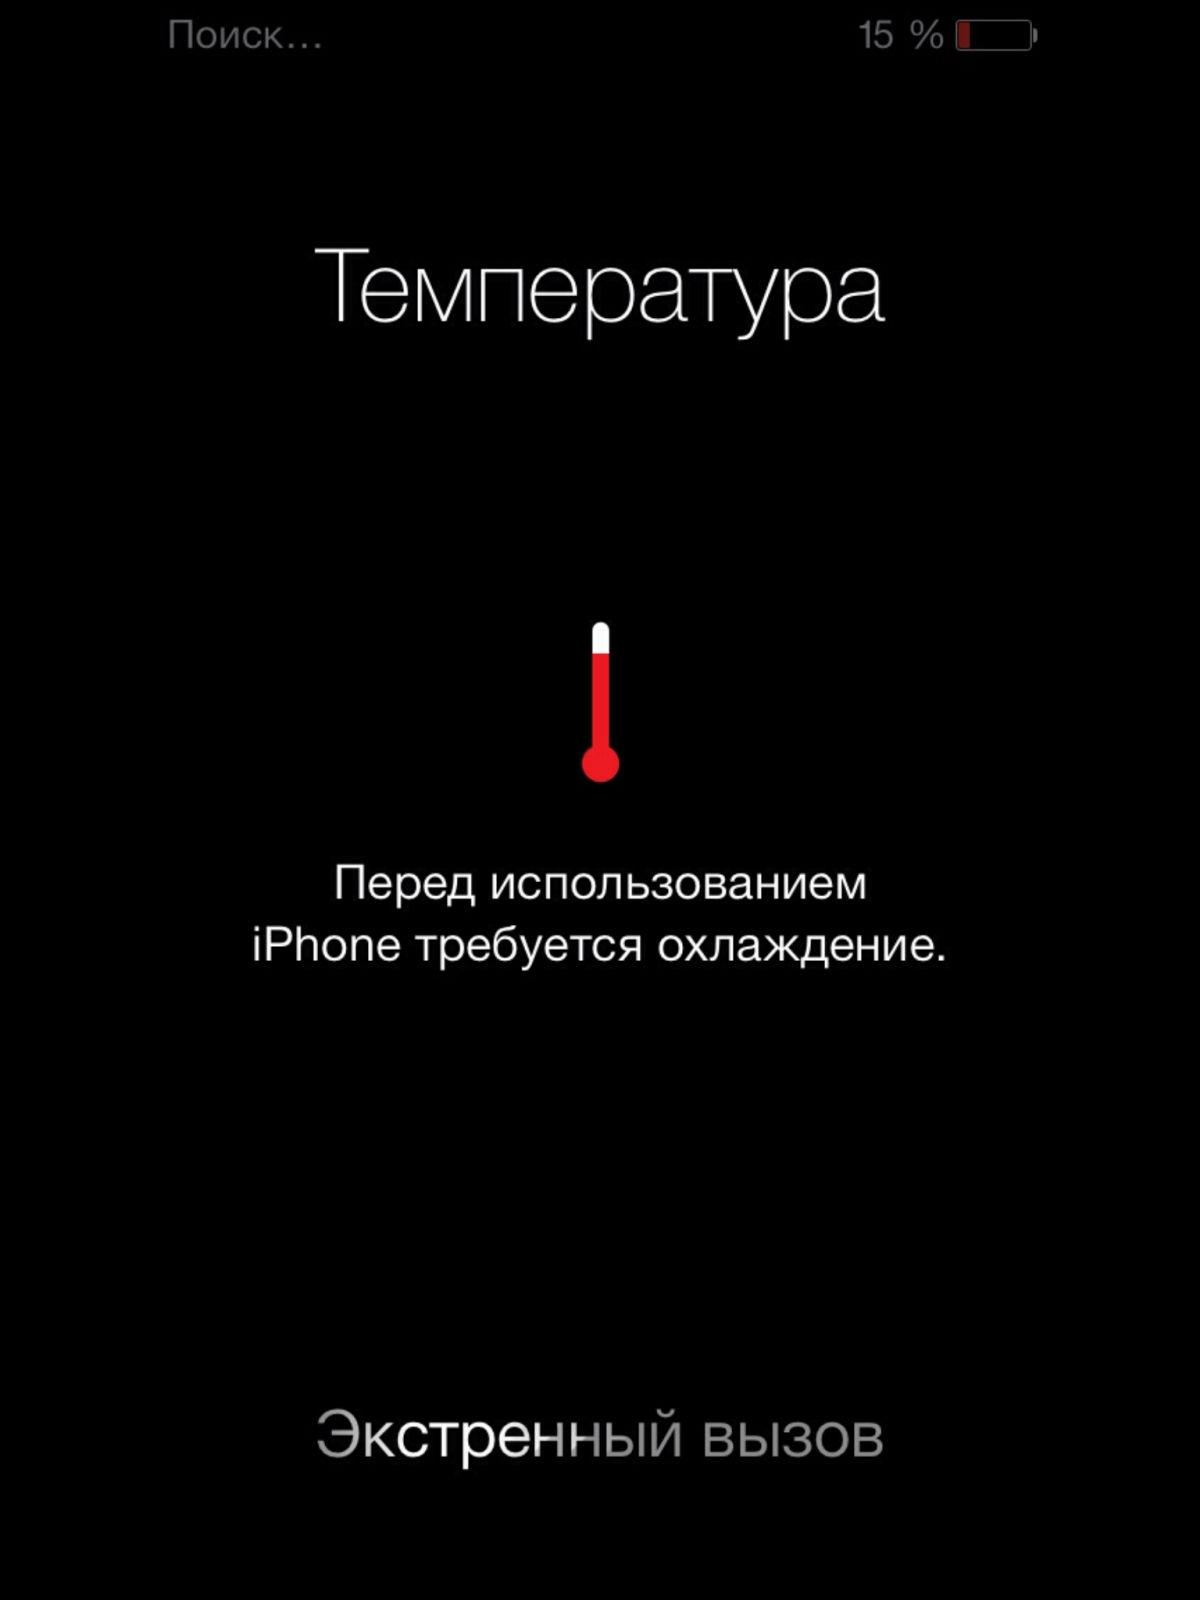 Айфон перегрелся